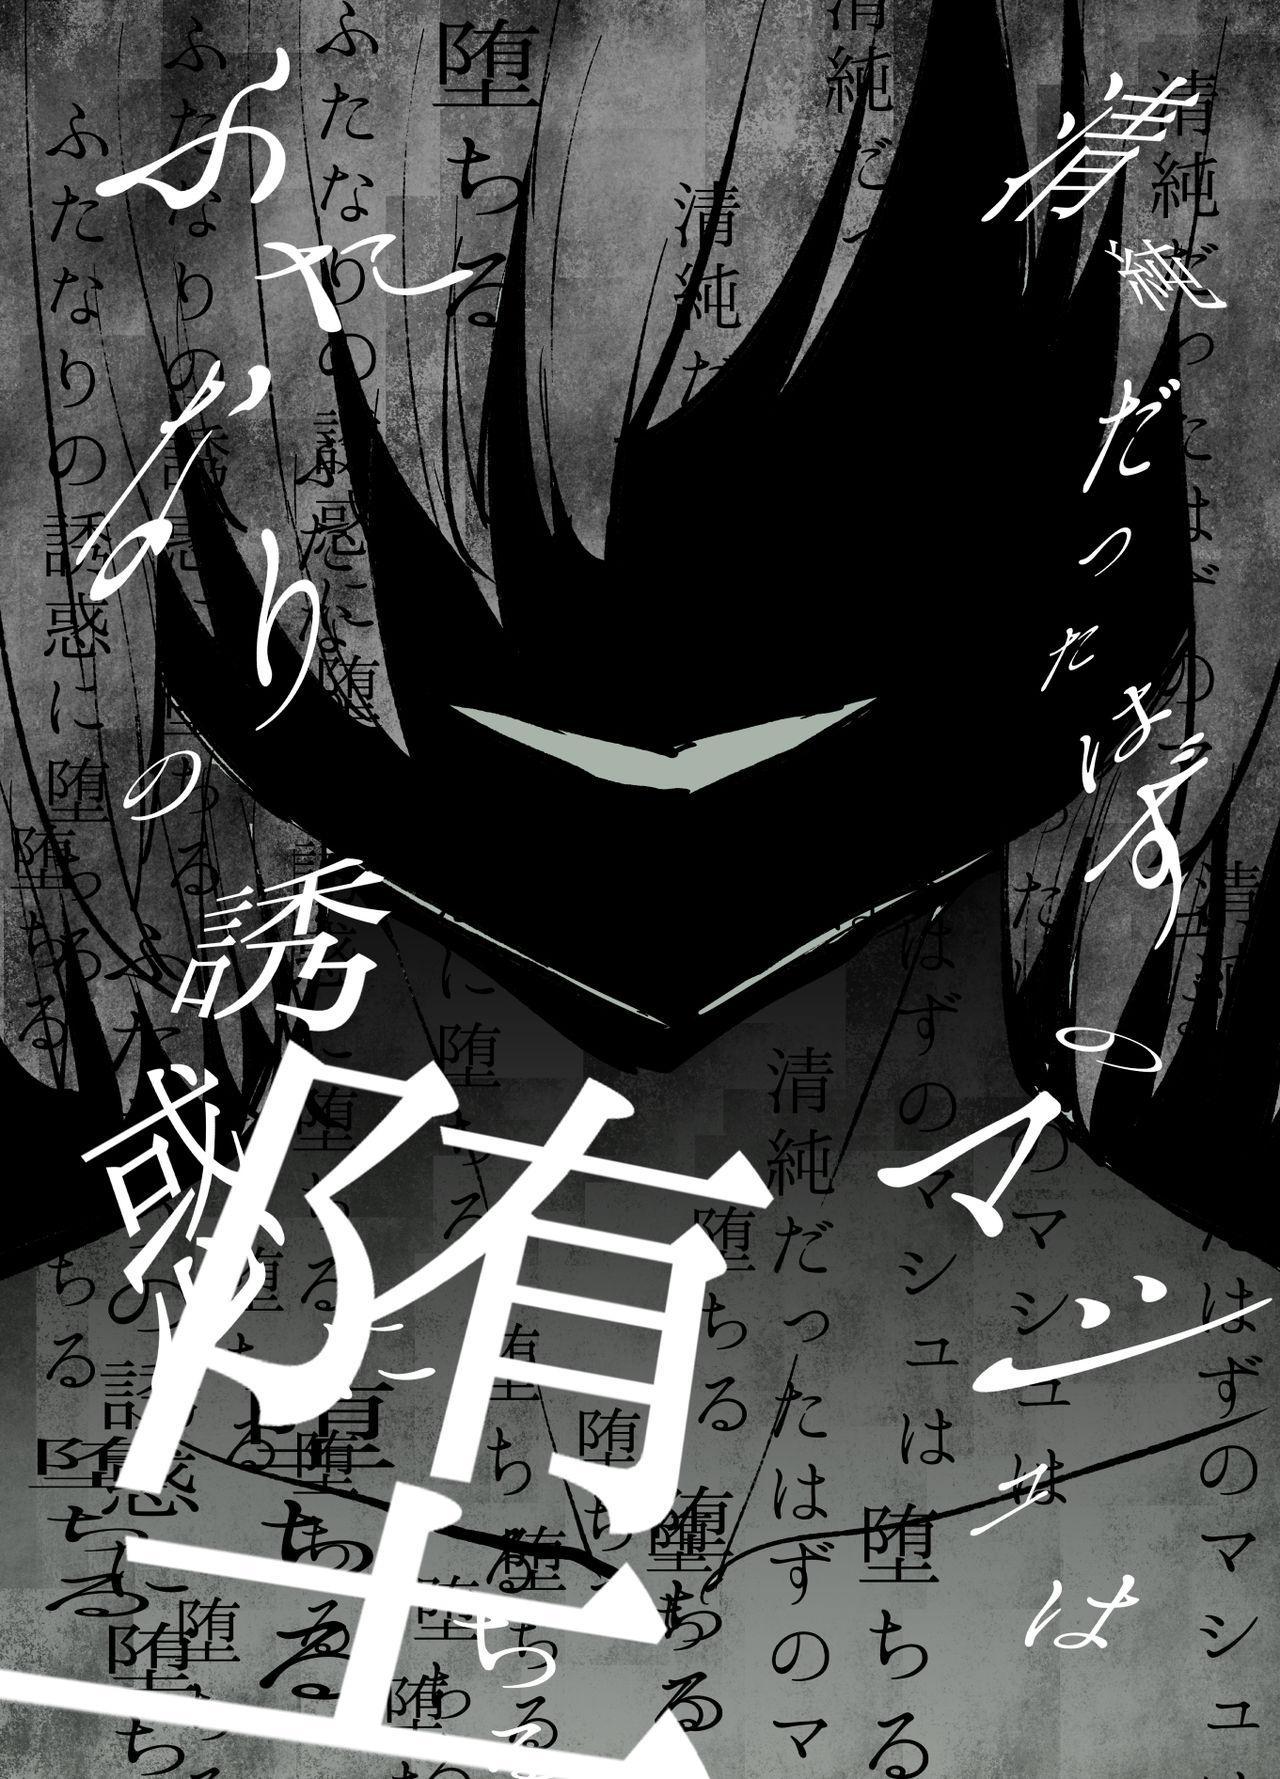 [Sadalsuud (Hoshiaka)] Seijun datta Hazu no Mashu wa Futanari no Yuuwaku ni Ochiru Dai-4-wa (Fate/Grand Order) [Chinese] [不咕鸟汉化组] 51